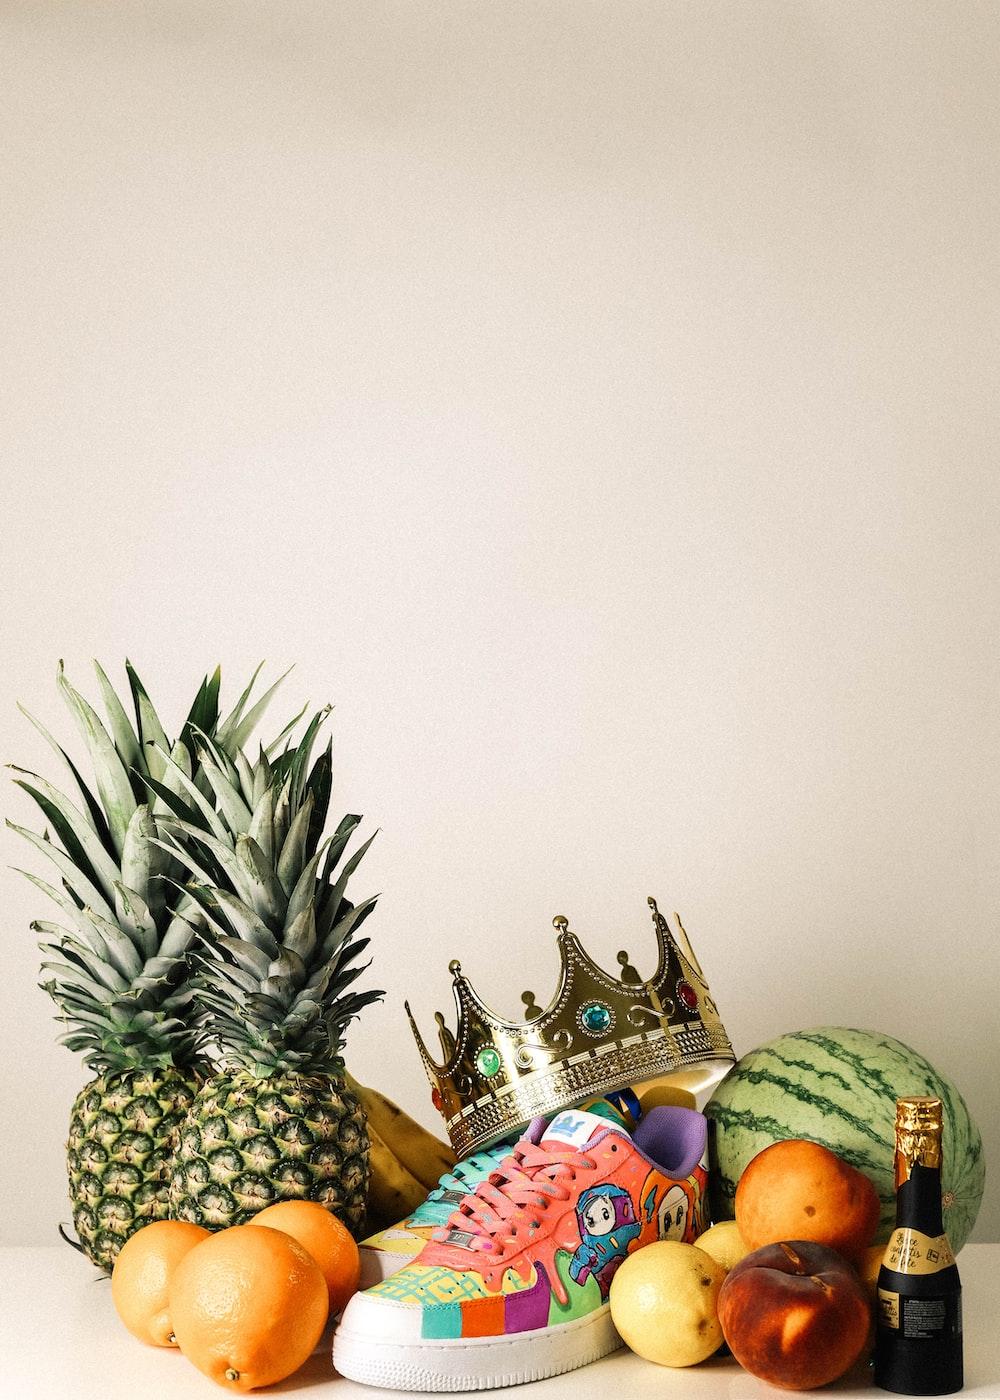 pineapple fruit beside green pineapple fruit